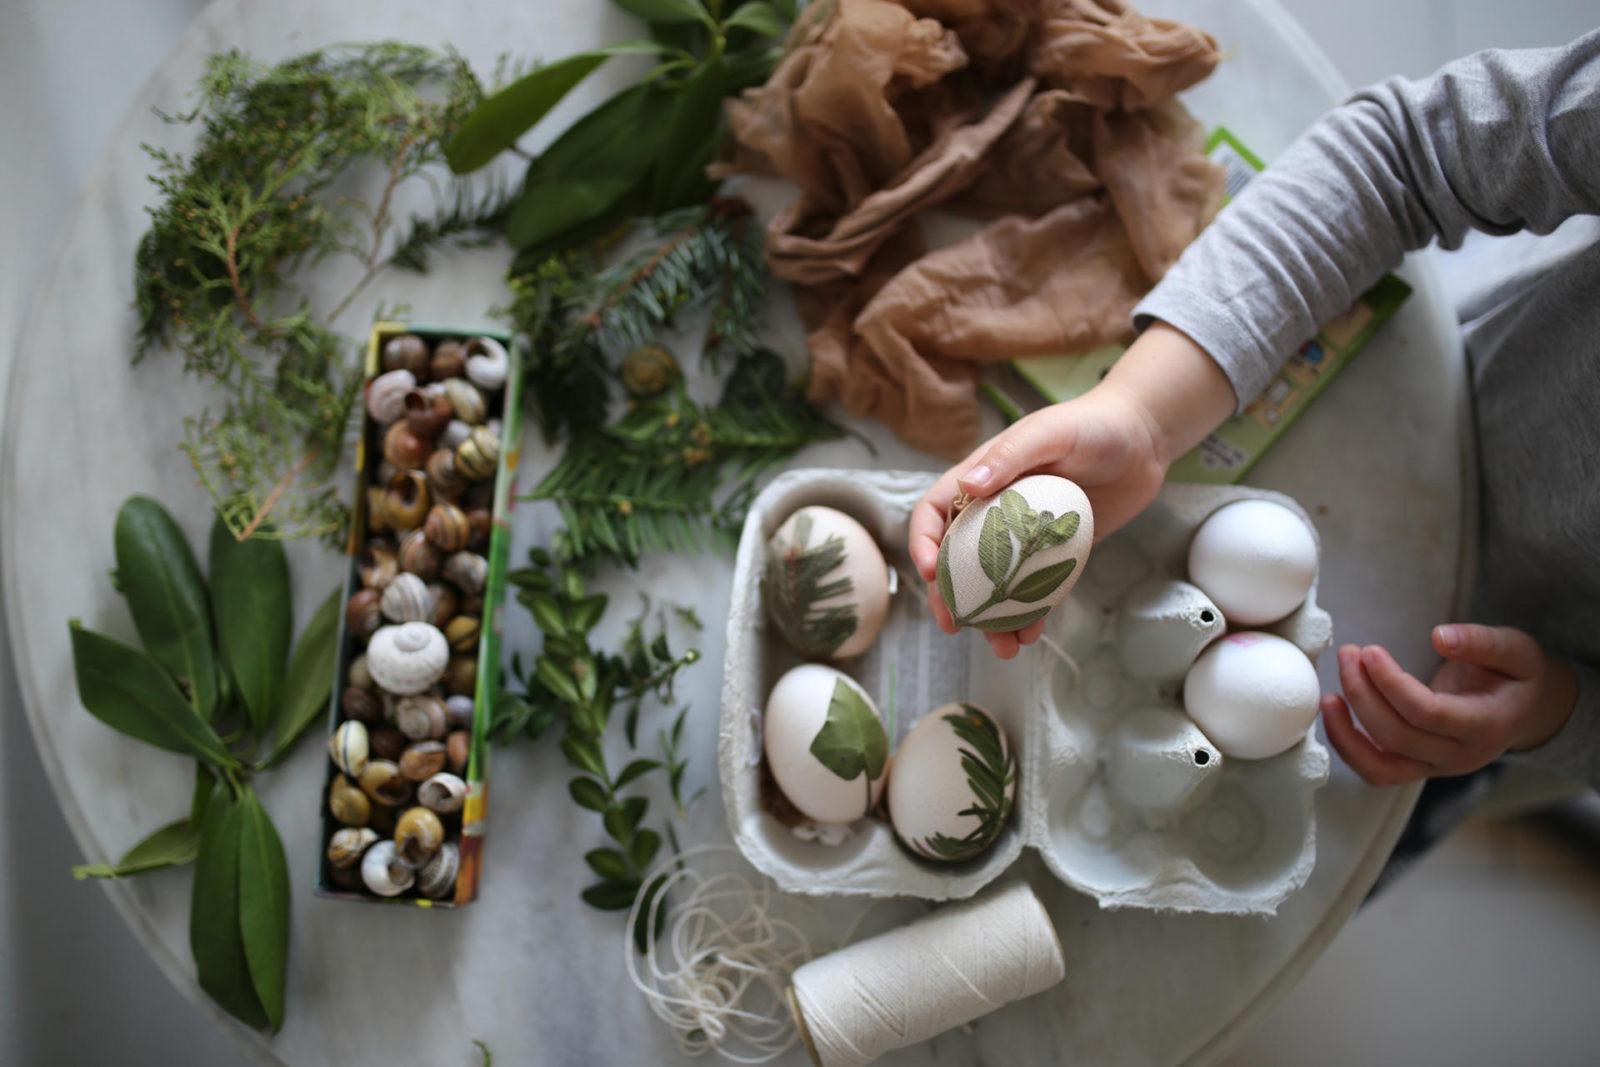 Oster-Kinderspaß: Ostereier natürlich bunt mit Blättern färben #Ostereier #Ostereierfärben #bastelnmitkindern #ostern | Pinspiration